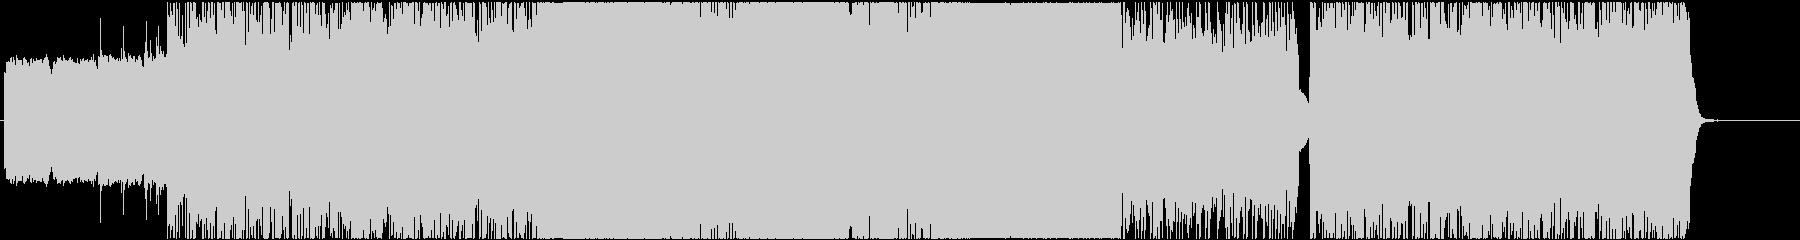 ロック系 攻撃的なファンクロック!④の未再生の波形